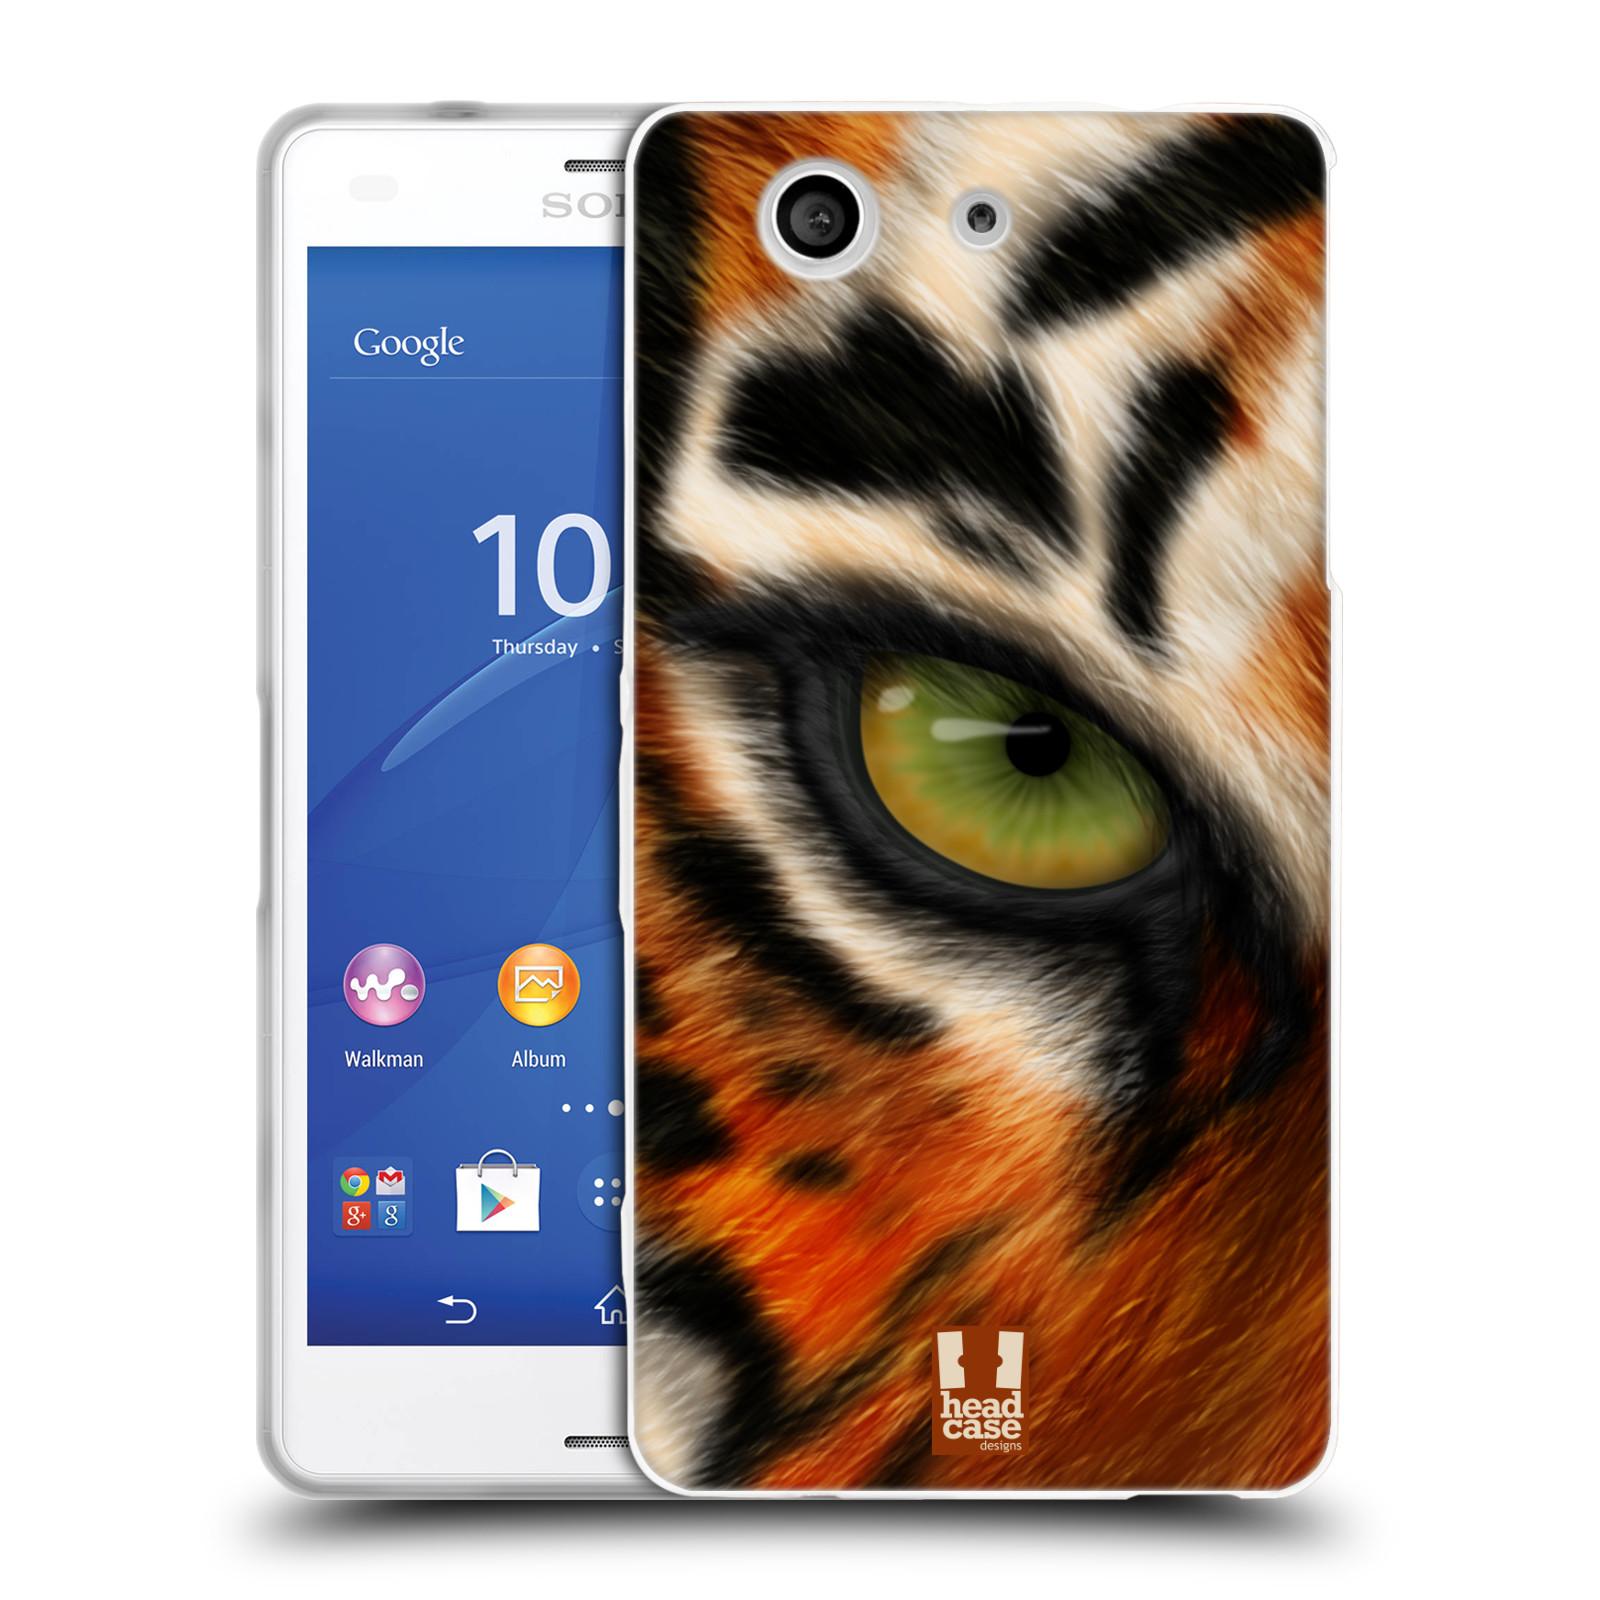 HEAD CASE silikonový obal na mobil Sony Xperia Z3 COMPACT (D5803) vzor pohled zvířete oko tygr